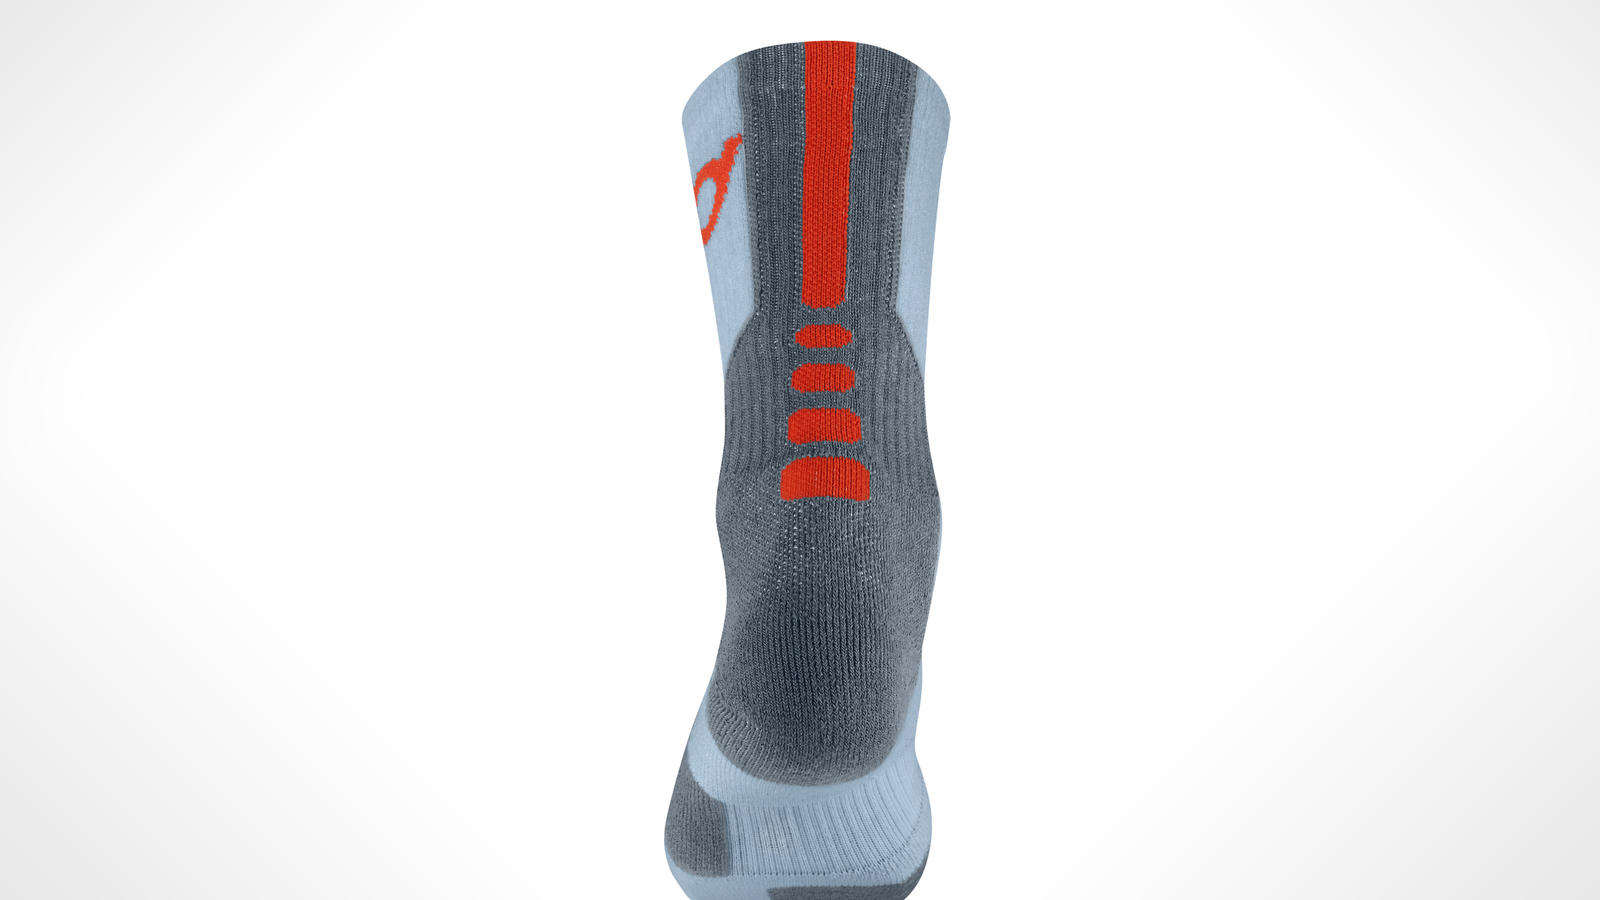 kd-sock-3